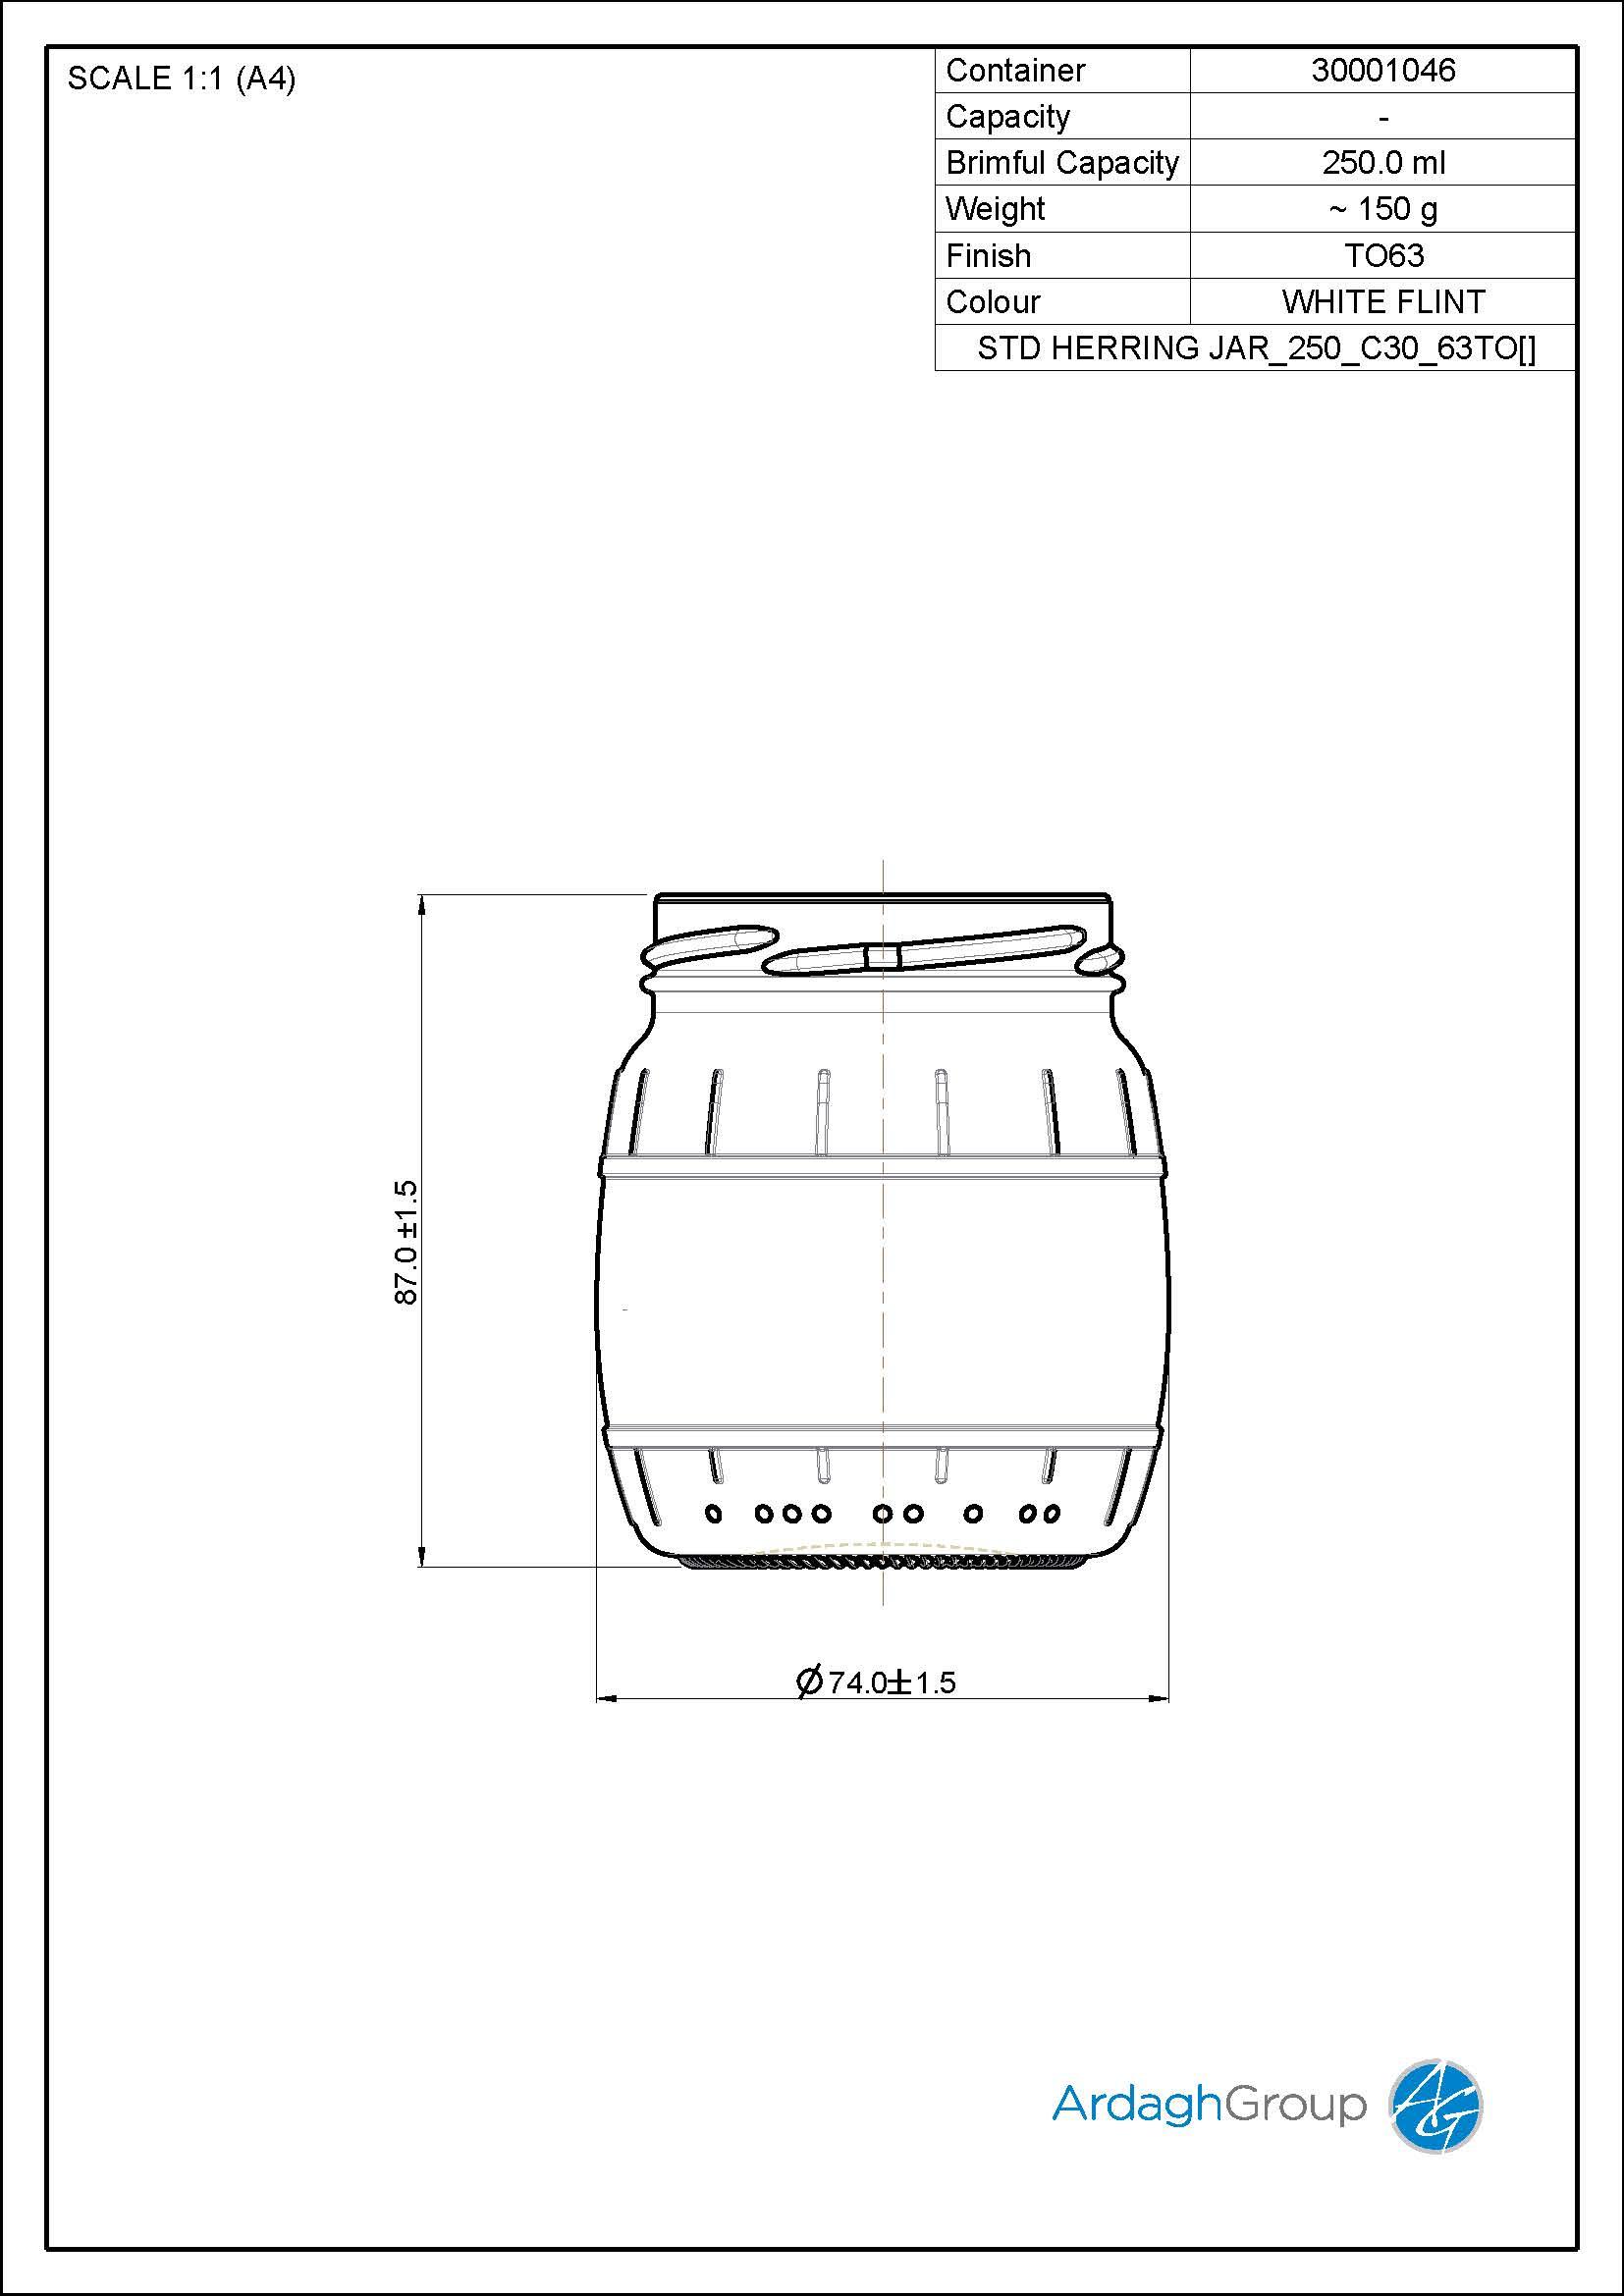 STD HERRING JAR 250 C30 63TO